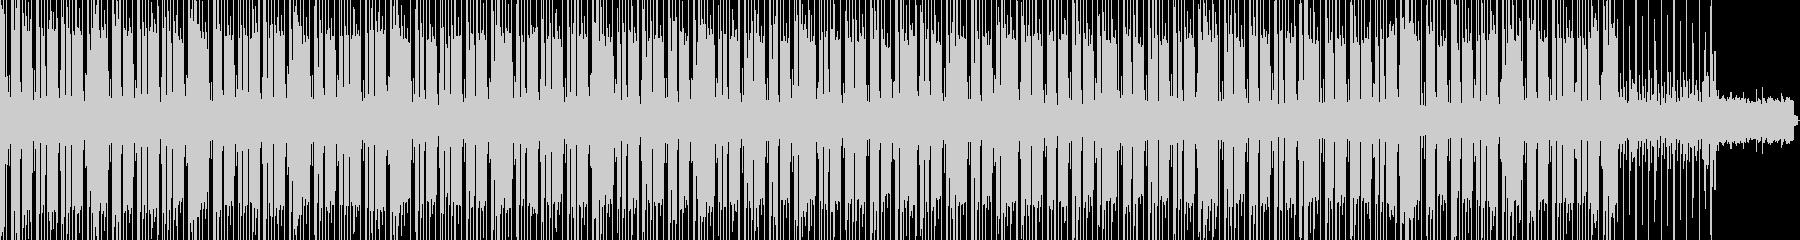 BPM100 哀愁ハウスの未再生の波形